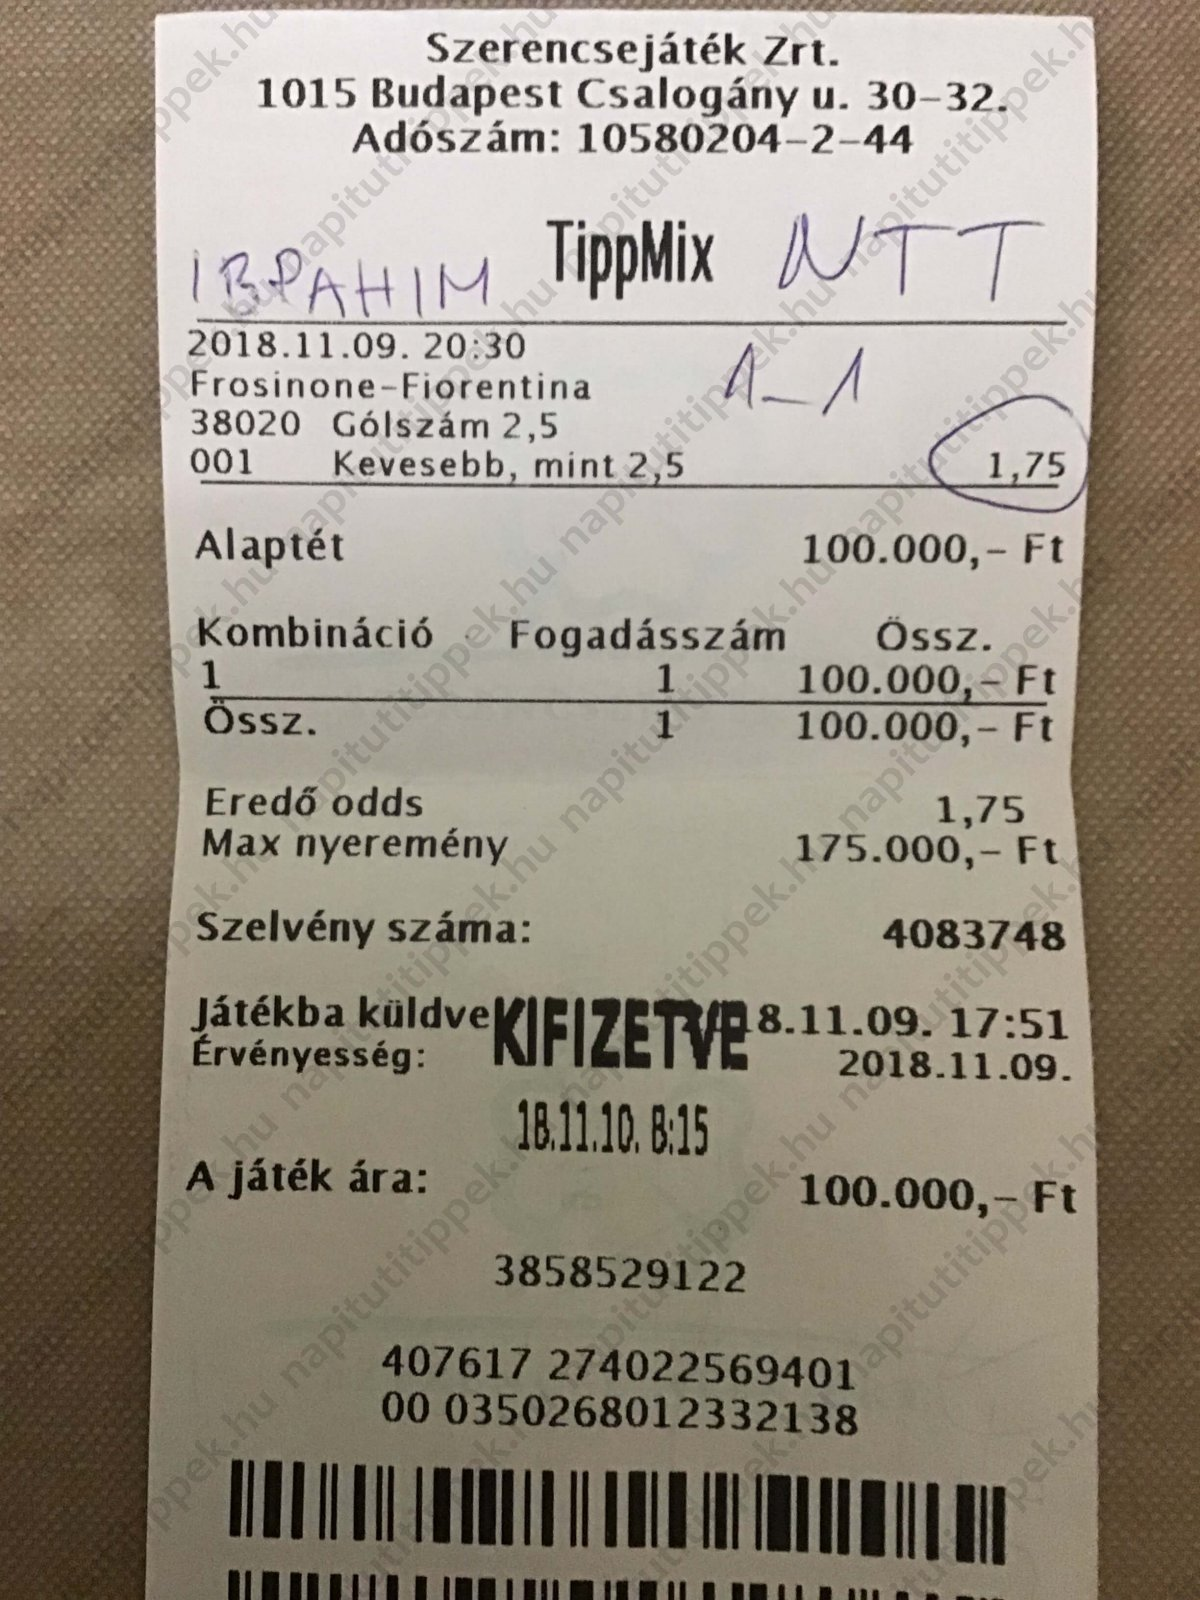 Tippmix ötletek sportfogadási tanácsok: Tippmix tippek, mérkőzés elemzések, statisztikai adatok. Napi ingyenes tippek. Csatlakozz Magyarország legsikeresebb sportfogadó csapatához!